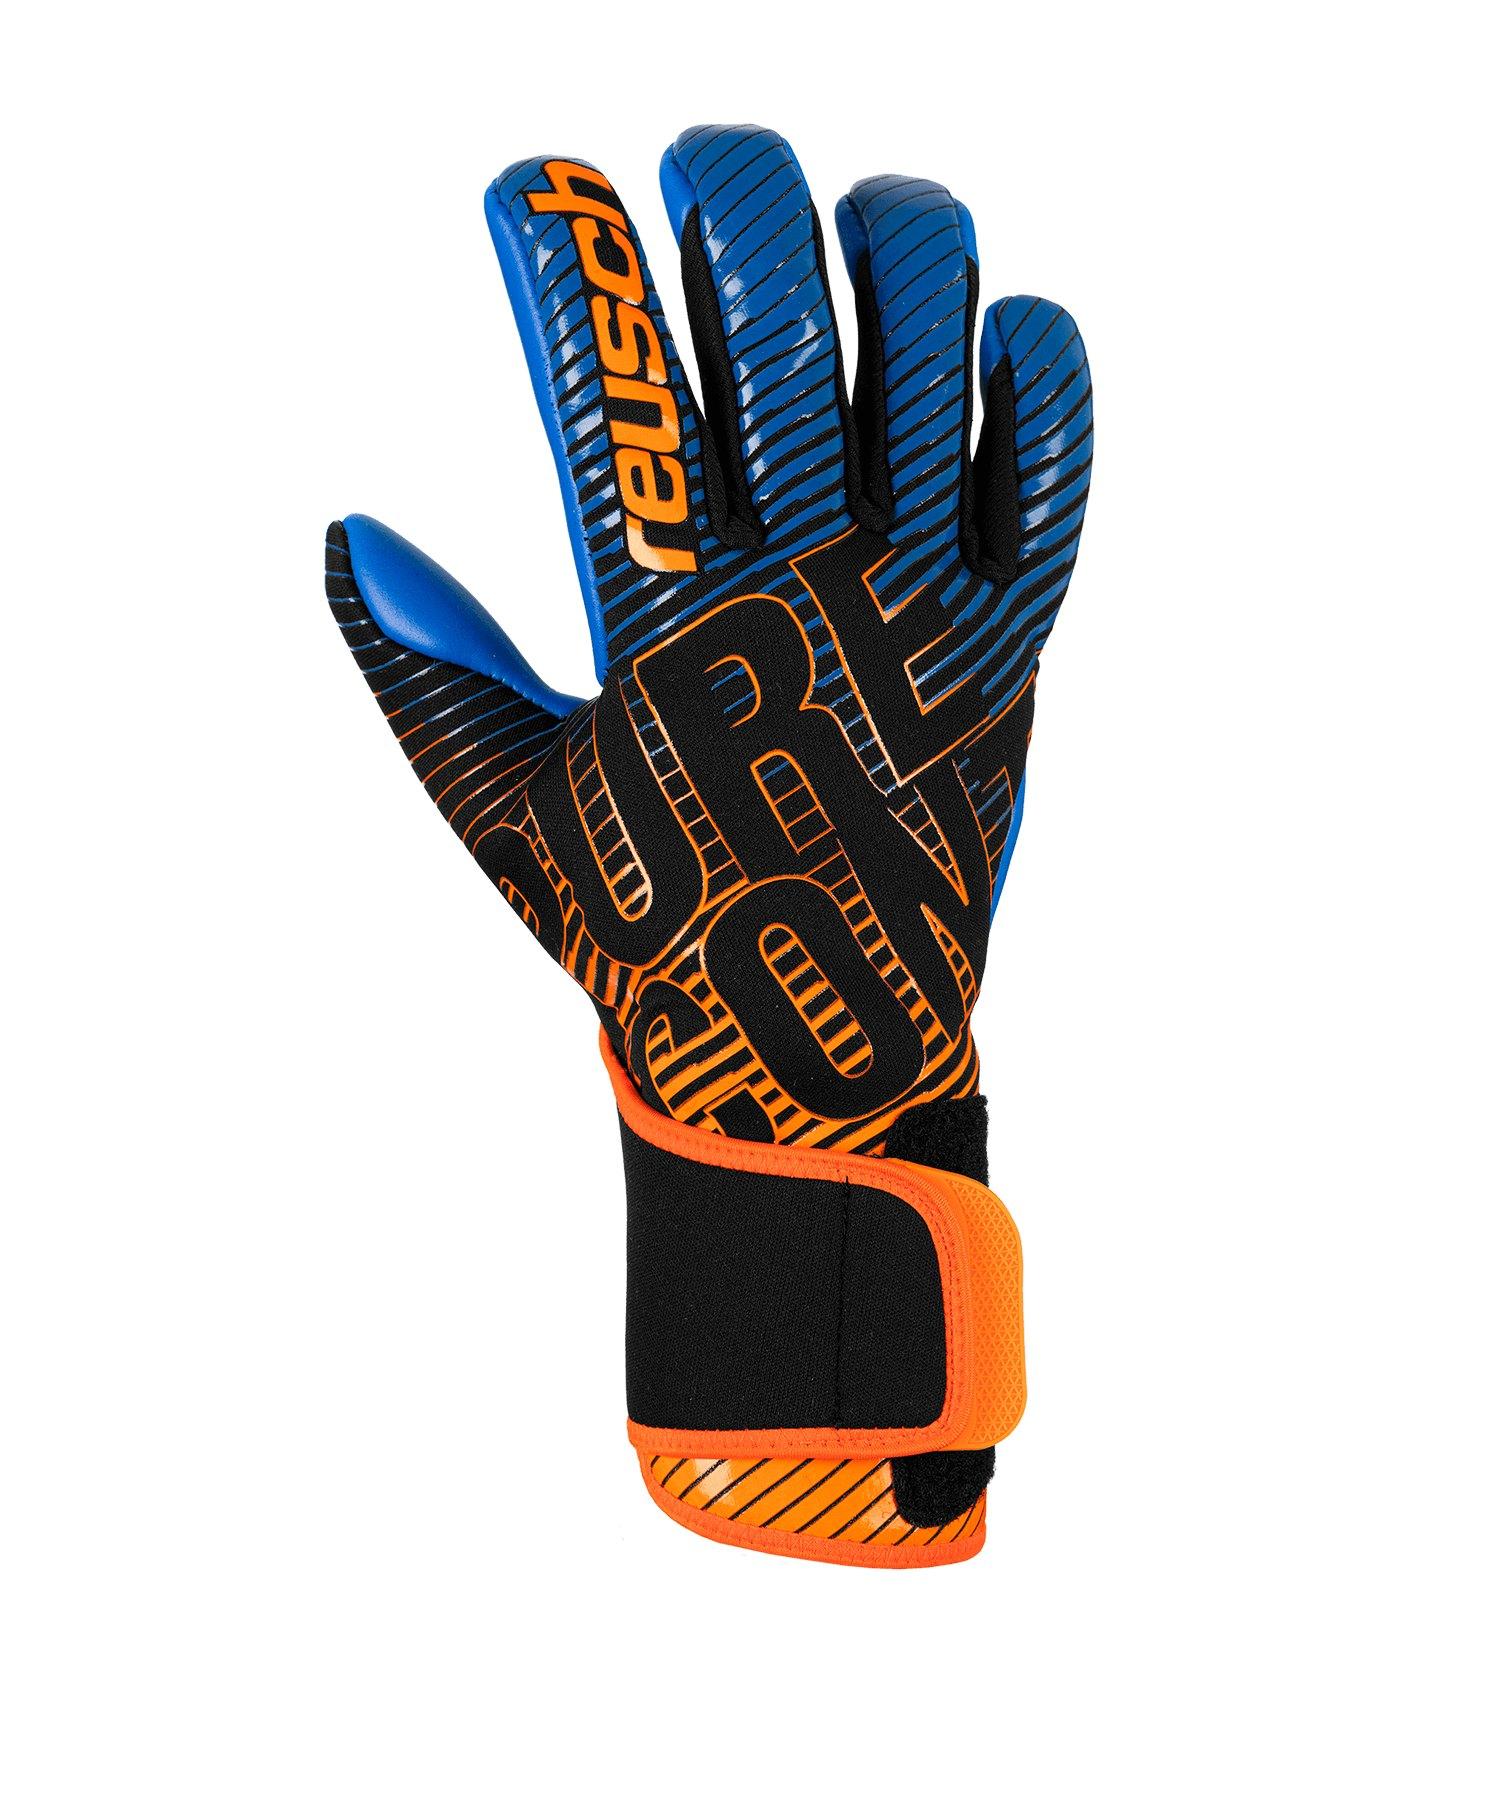 Reusch Pure Contact 3 S1 TW-Handschuh F7083 - schwarz